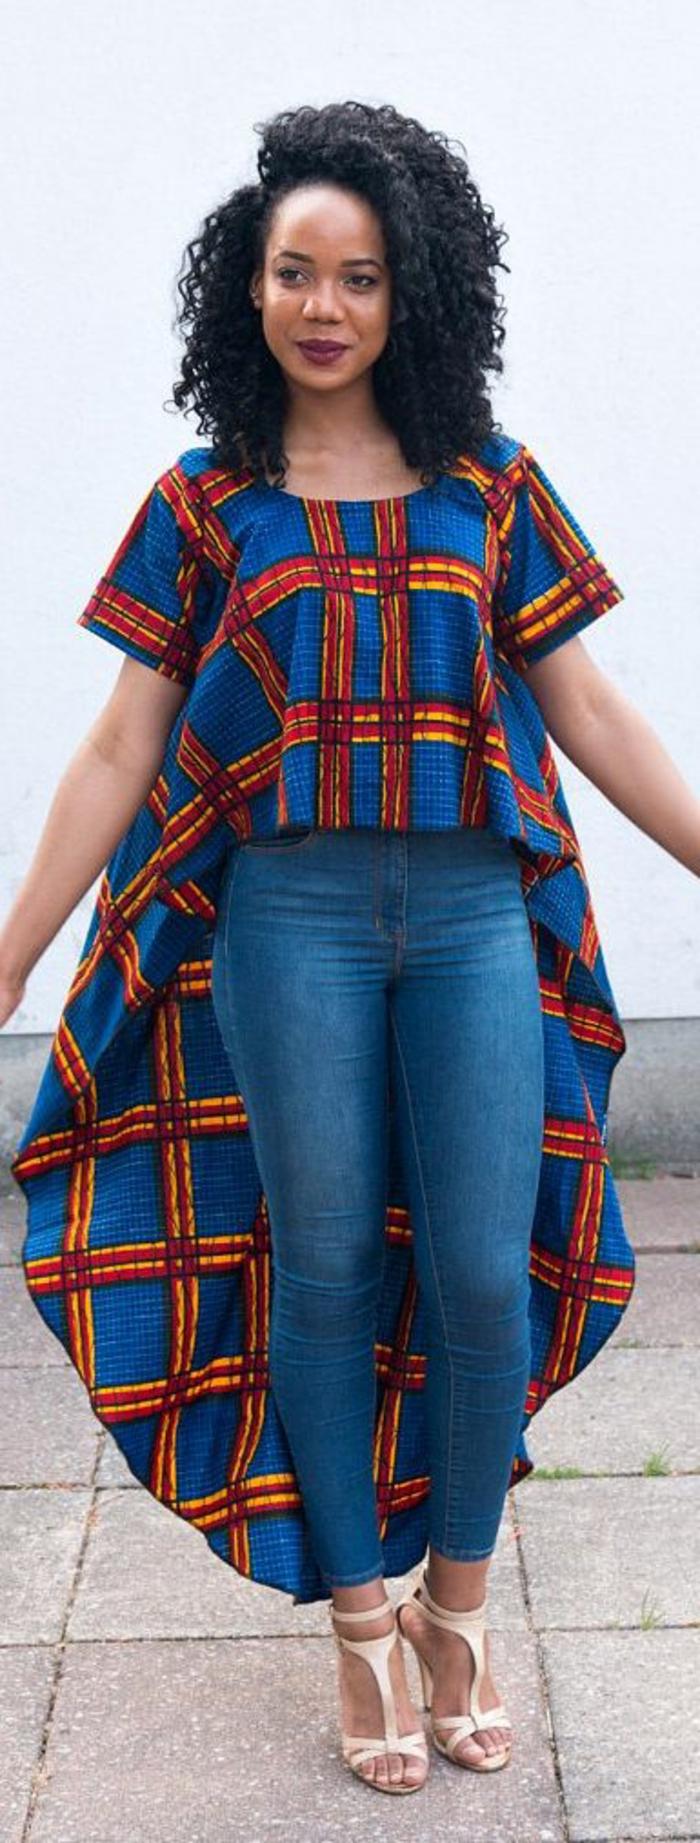 poslterstoffe kaufen und sie in den alltag tragen, jeans mit top im afrikanischen stil kombinieren